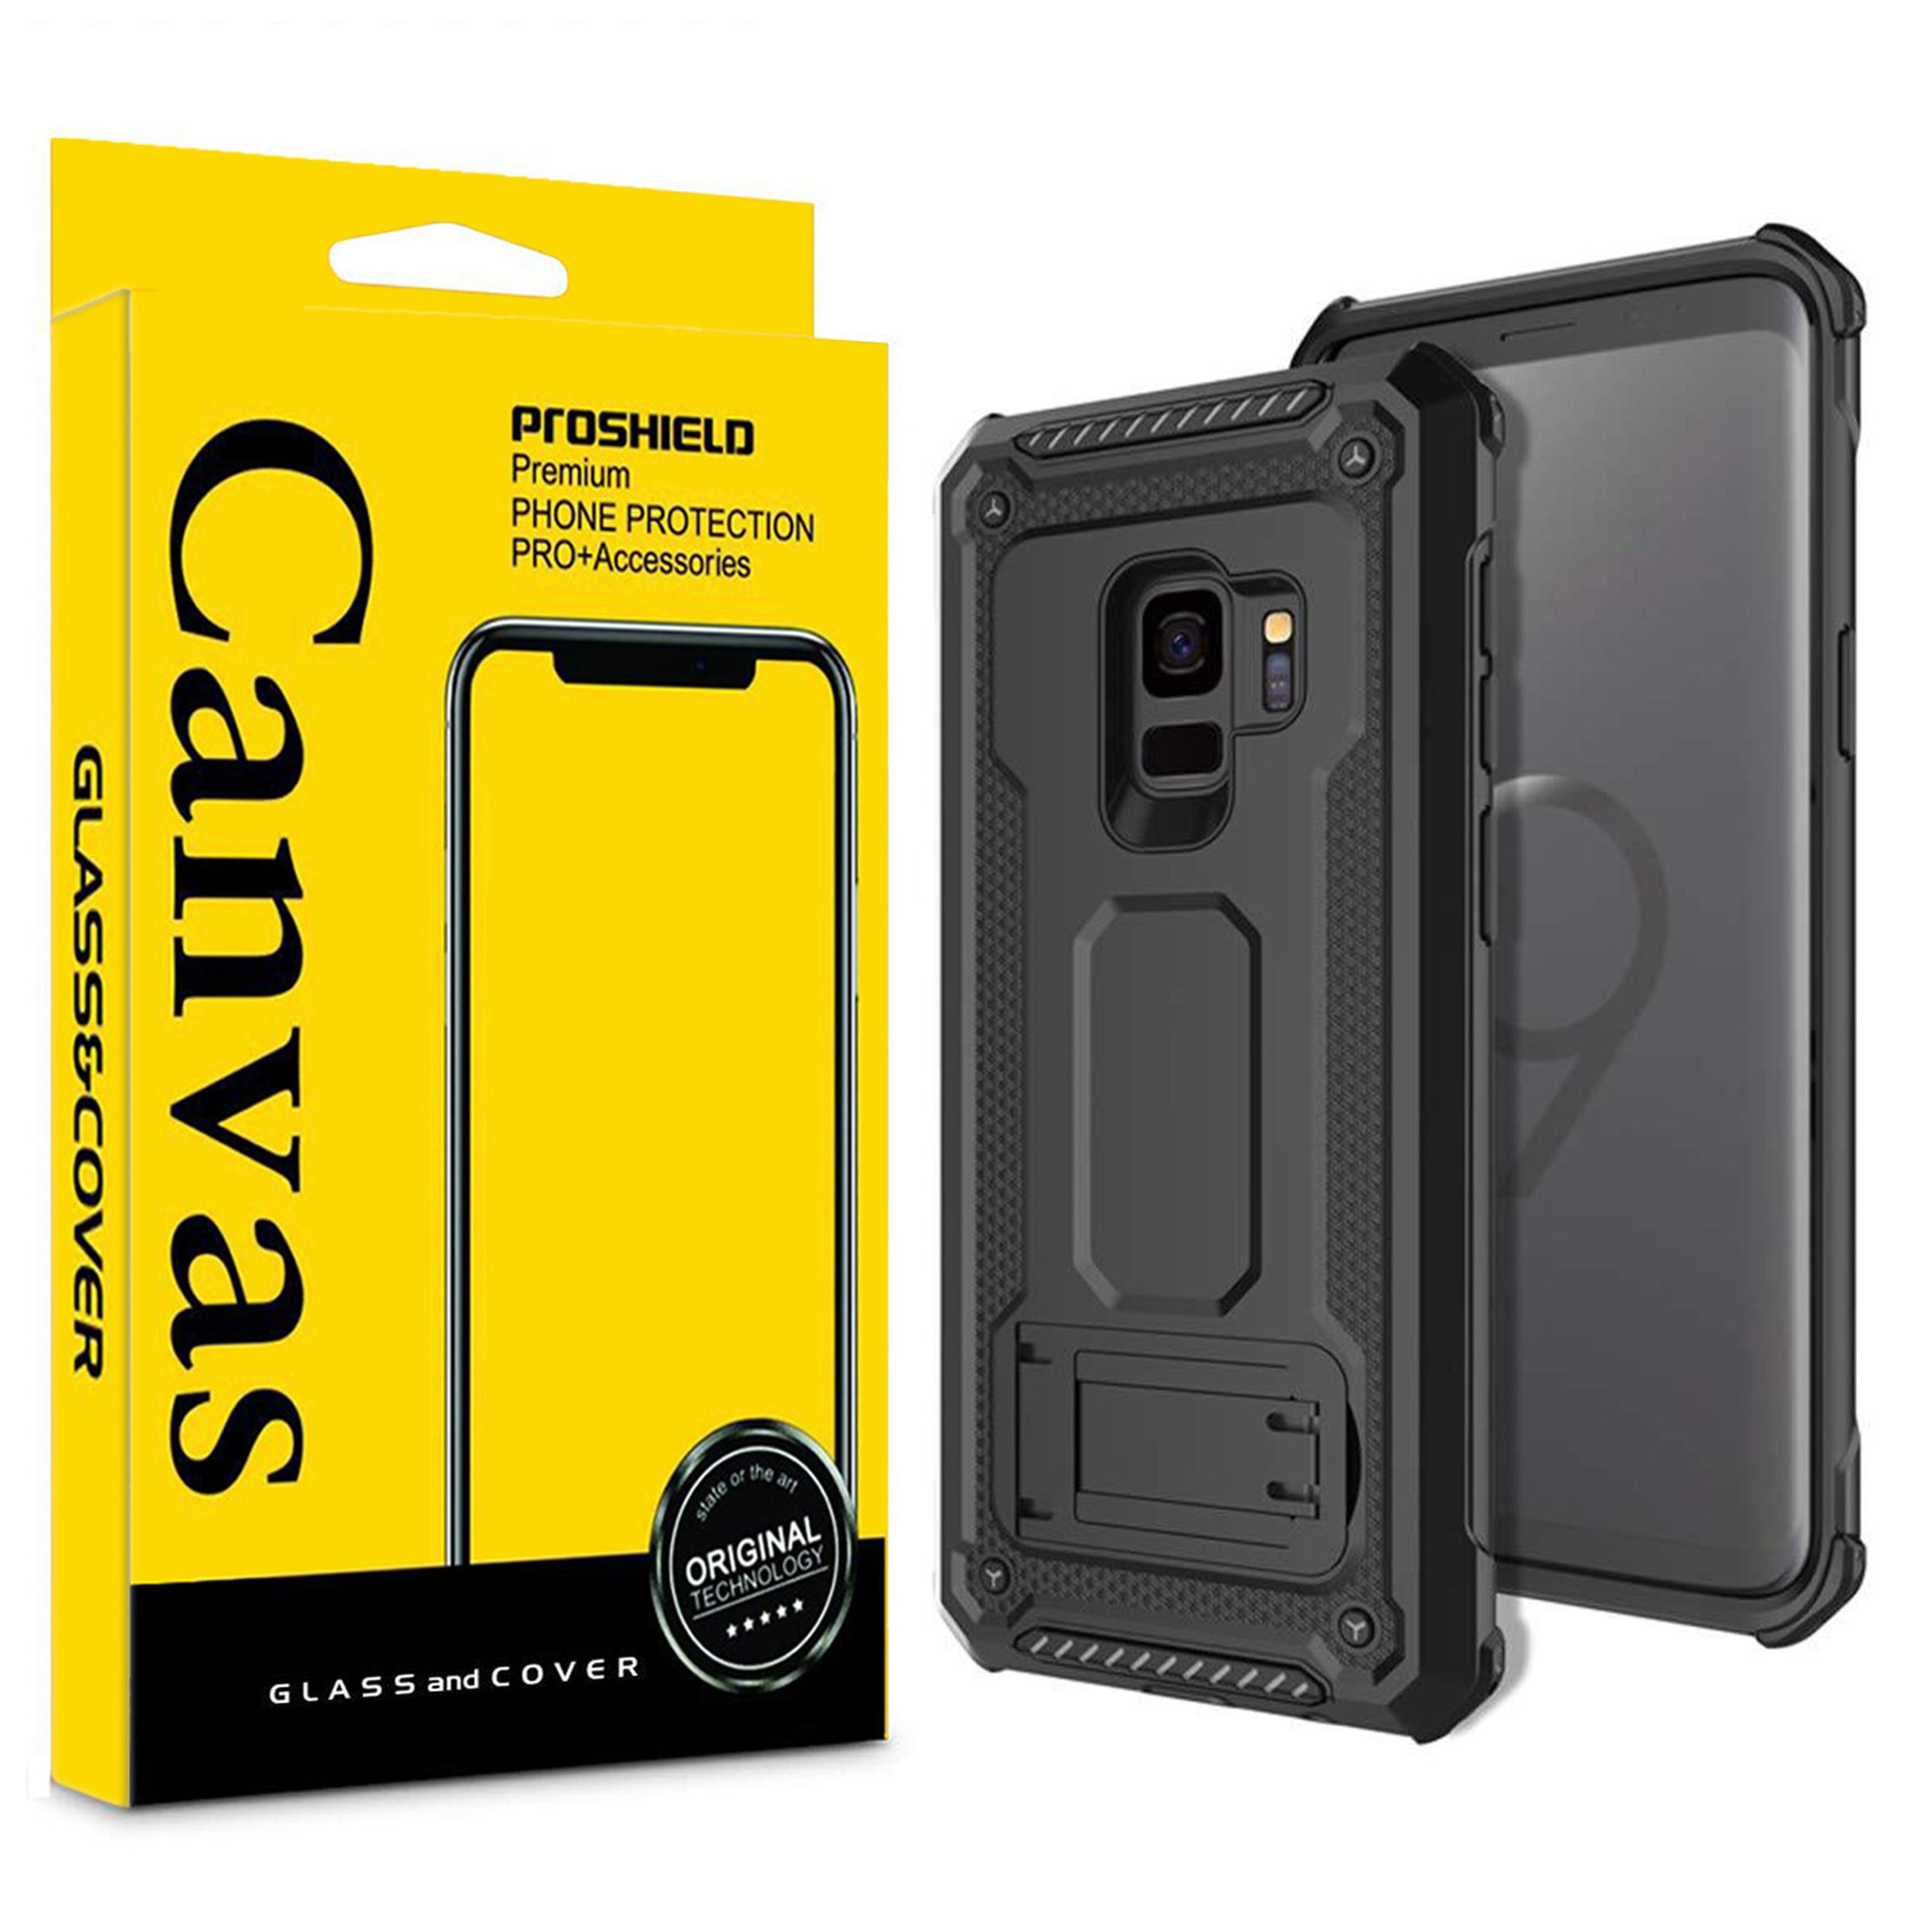 کاور کانواس مدل DEFEN-02 مناسب برای گوشی موبایل سامسونگ Galaxy S9